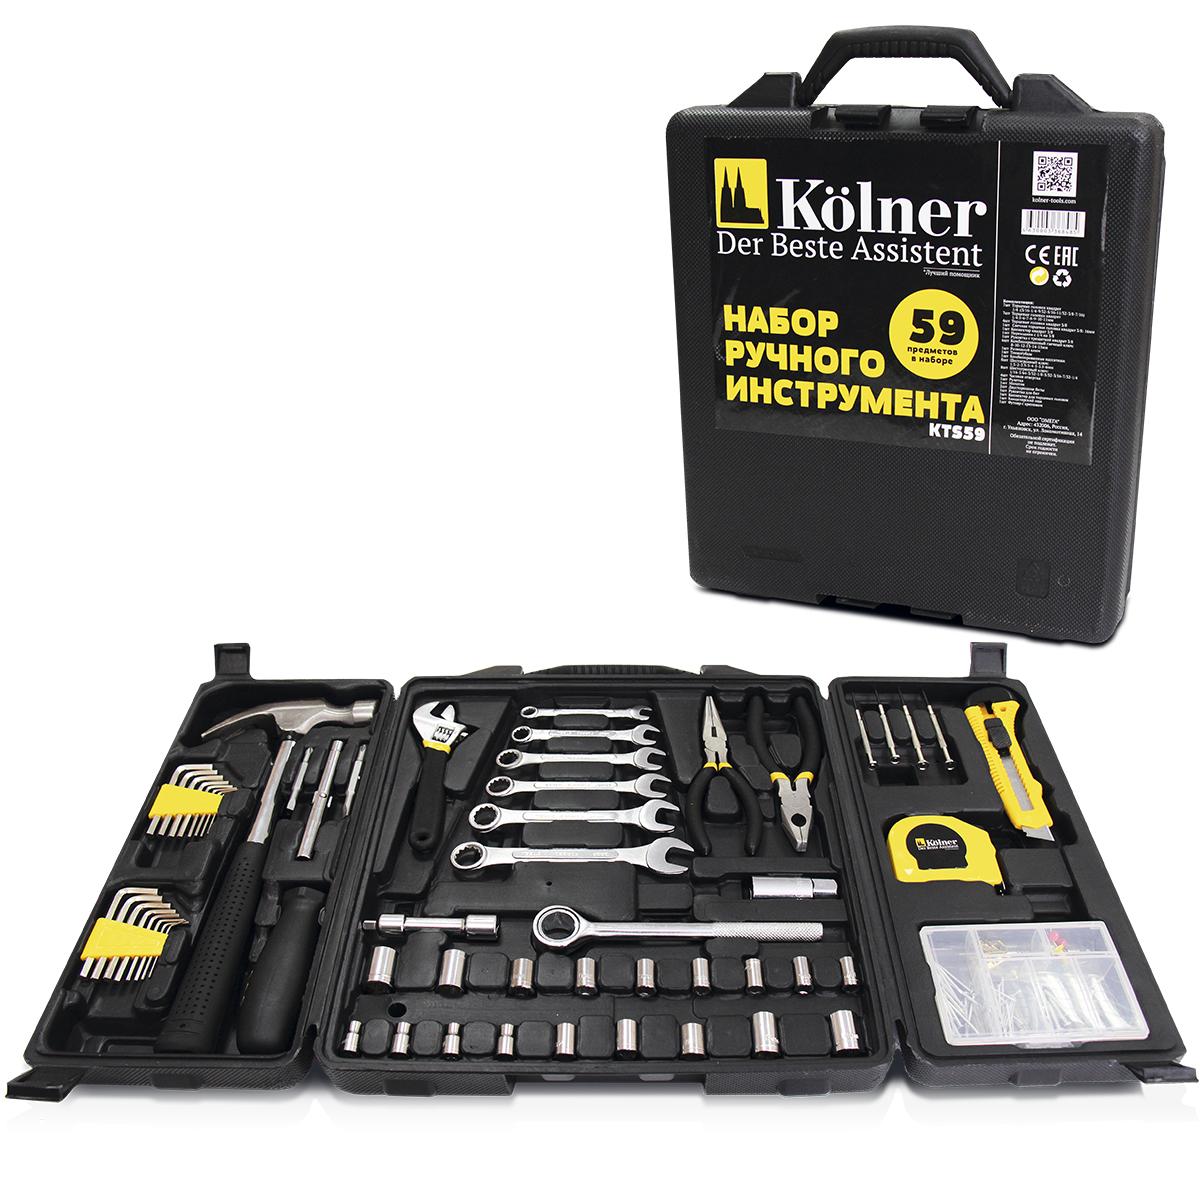 Набор инструментов Kolner KTS, 59 предметовкн59ктсНабор Kolner KTS содержит все необходимые инструменты для выполнения любых слесарных работ.Инструменты изготовлены из высококачественной хромованадиевой стали и закалены, благодаря чему имеют большой срок эксплуатации. Рукоятки инструментов обеспечивают комфорт во время работы, не утомляют и не натирают руку.Универсальный набор инструментов поставляется в кейсе, который удобно взять с собой или хранить в кладовке.Комплектация: - Шестигранный ключ - 8 шт: 1,5/2/2,5/3/4/5/5,5/6 мм.- Шестигранный ключ - 8 шт: 1/16; 5/64; 3/32; 1/8; 5/32; 13/64; 7/32; 15/64. - Изолента.- Двухсторонние биты: 2 шт.- Комбинированный гаечный ключ - 6 шт: 8/10/12/13/14/17 мм.- Тонкогубцы.- Рукоятка для бит. - Переходник с 3/8 на 1/4.- Удлинитель х3 для торцевой головки квадрат 3/8.- Свечная торцевая головка 3/8 16 мм.- Отвертка: 2 шт. - Торцевые головки квадрат - 4 шт: 3/8-13,14 мм; 9/16; 1/2. - Молоток-гвоздодер. - Рукоятка с трещеткой квадрат 3/8. - Канцелярский нож.- Комбинированные пассатижи. - Часовая отвертка: 4 шт.- Рулетка: 3 м.- Торцевые головки квадрат - 14 шт: 1/4, 3/16-5, 6 мм; 1/4-8, 7 мм; 9/32, 5/16, 1/32-9 мм; 3/8-10,11 мм; 7/16 .- Футляр с крепежом.